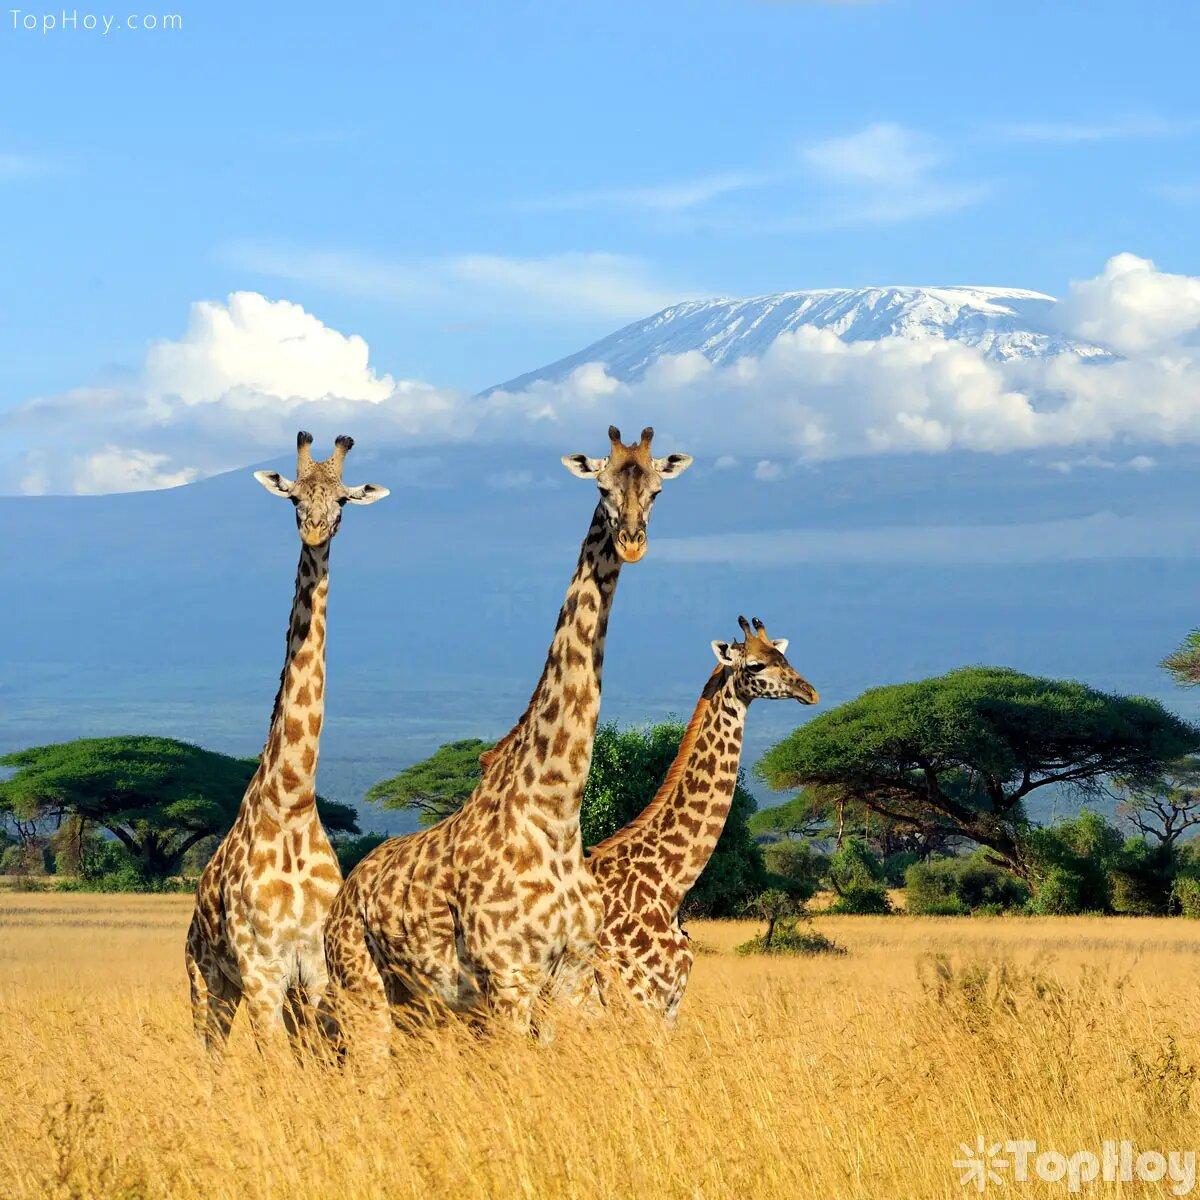 Las jirafas pasan la mayor parte de su vida estando de pie, aprovechando que tienen piernas muy fuertes.